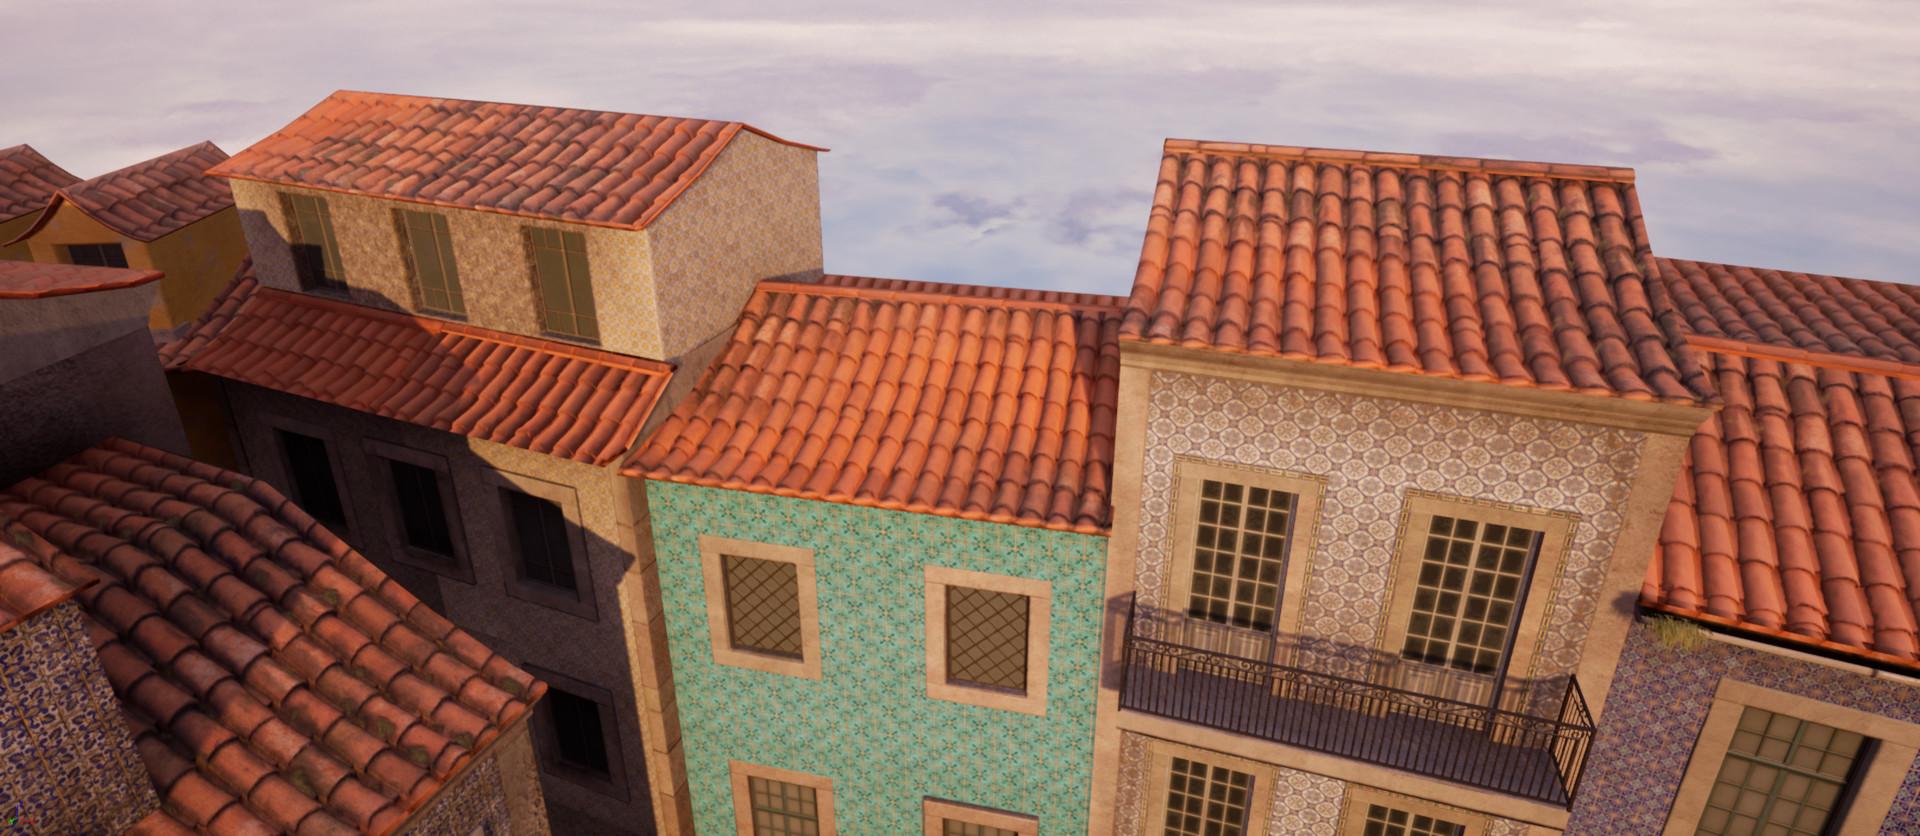 Alina godfrey roofs